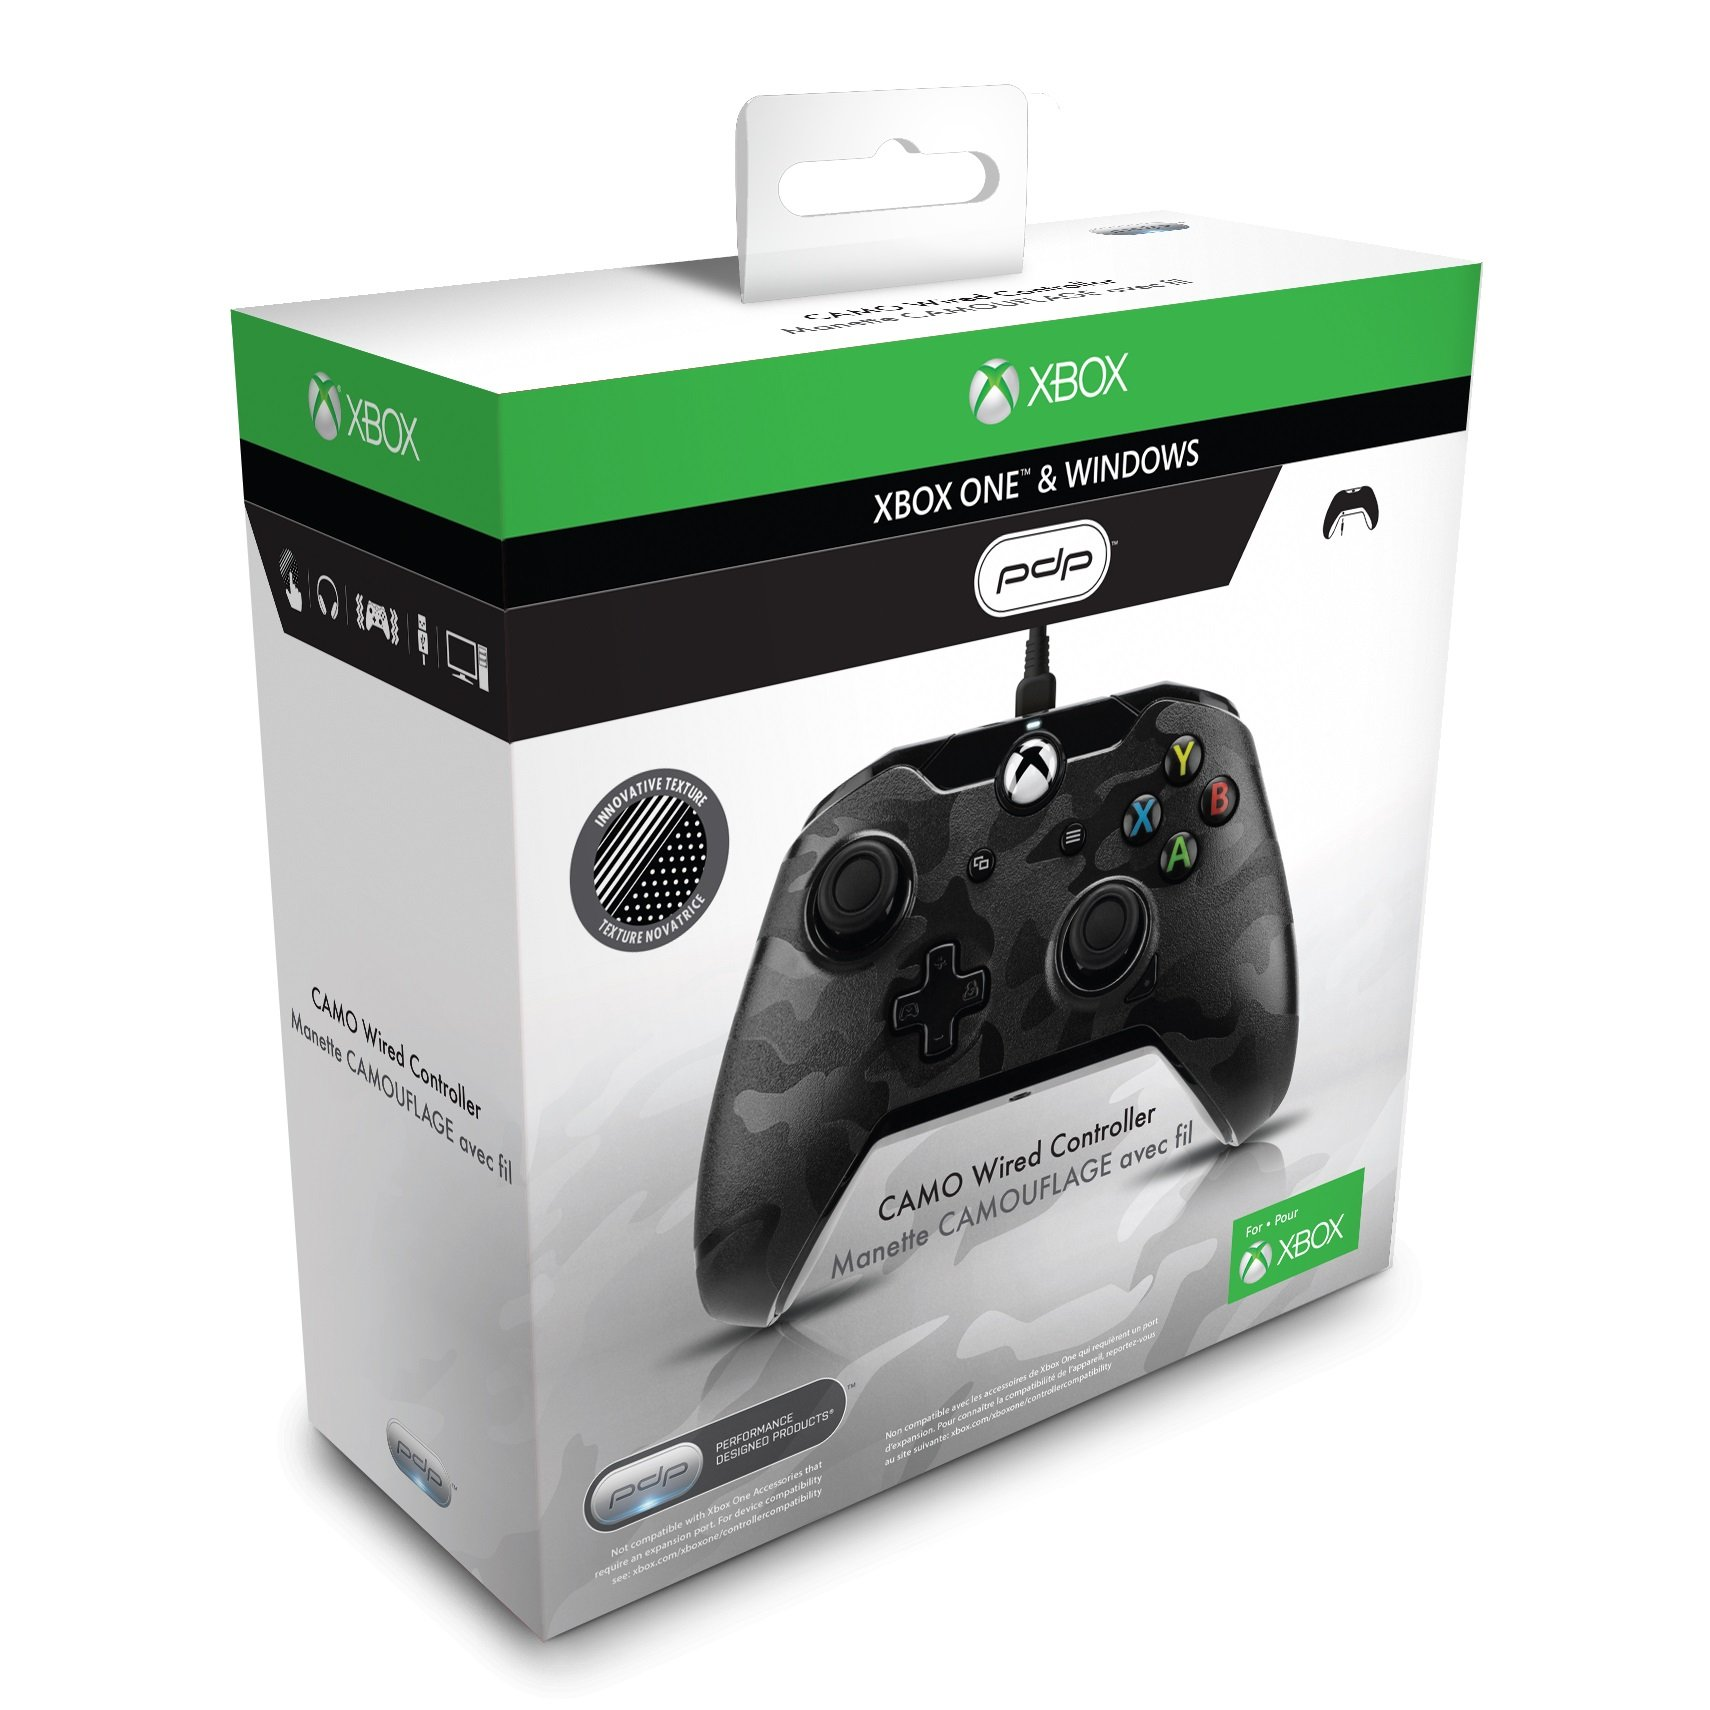 PDP - Mando Con Cable, Licenciado, Color Camuflaje (Xbox One, PC): Amazon.es: Videojuegos